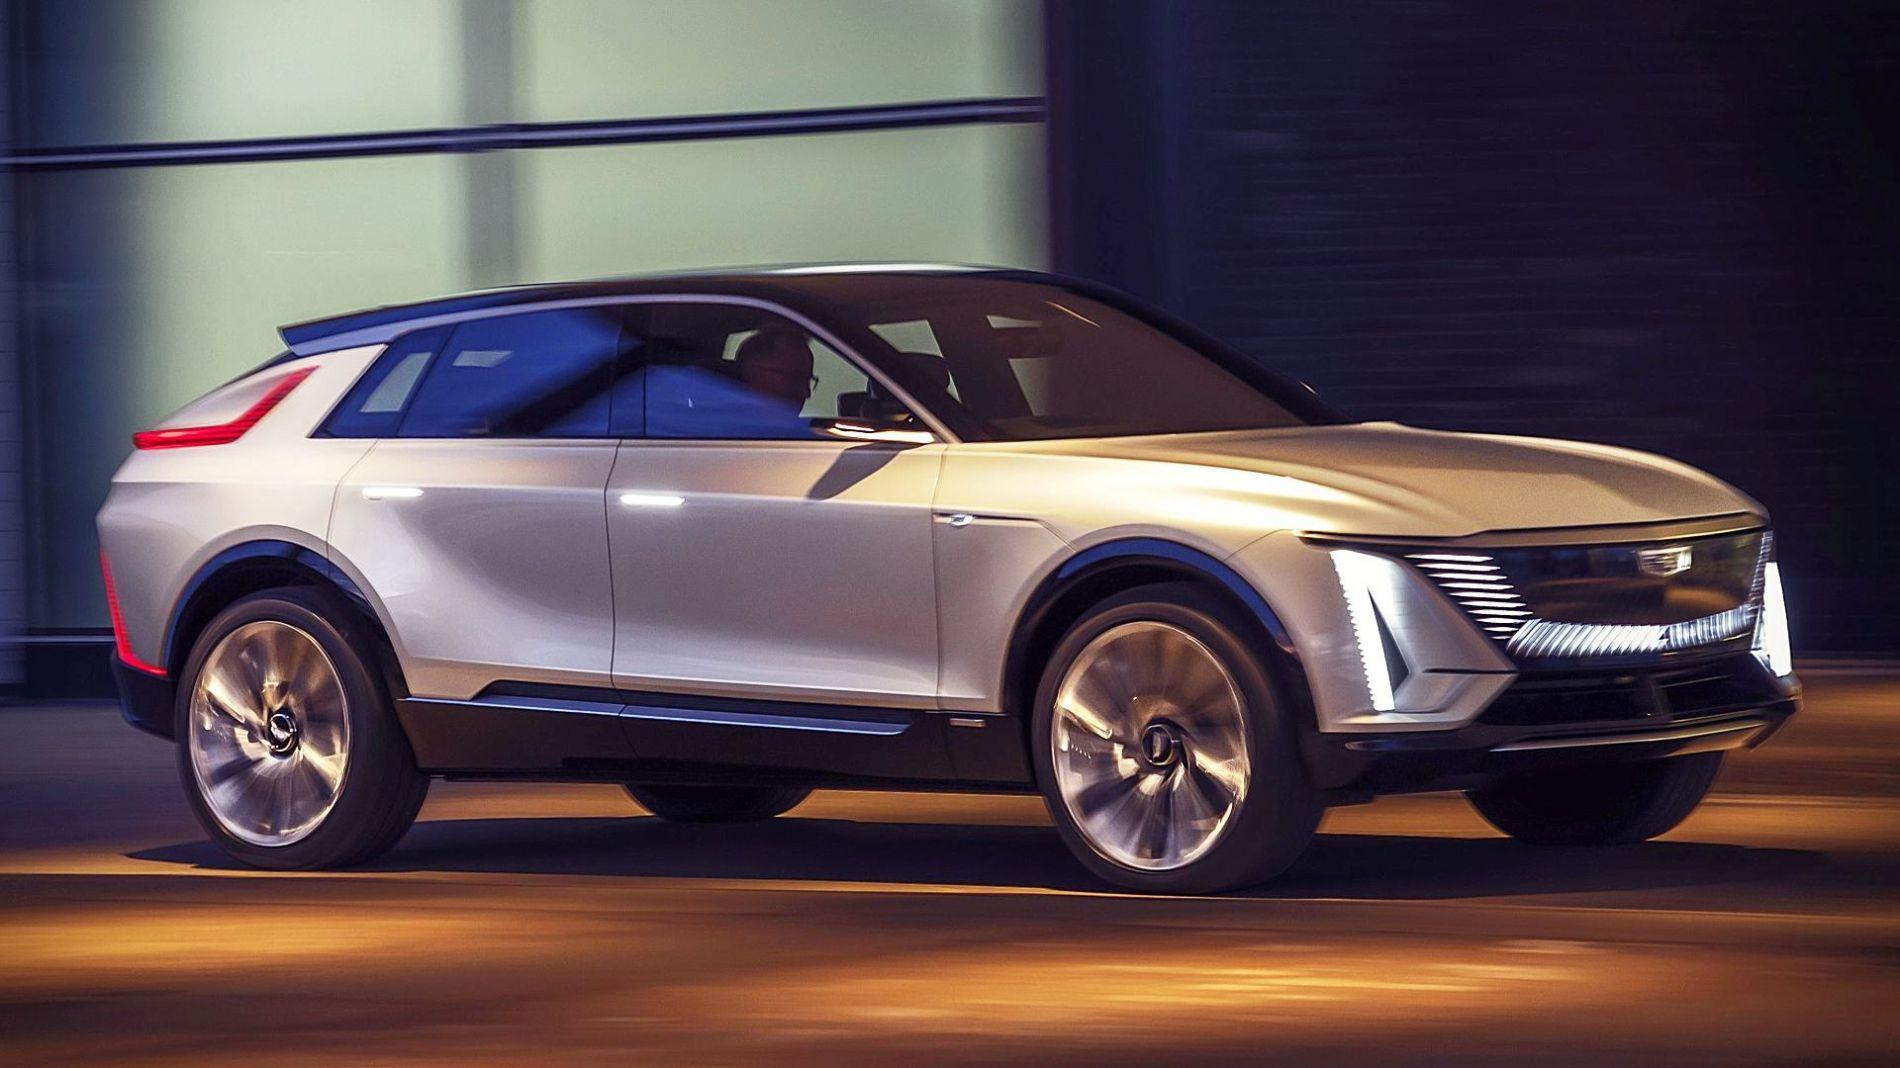 2022 Cadillac Lyriq - ელექტრო კროსოვერი